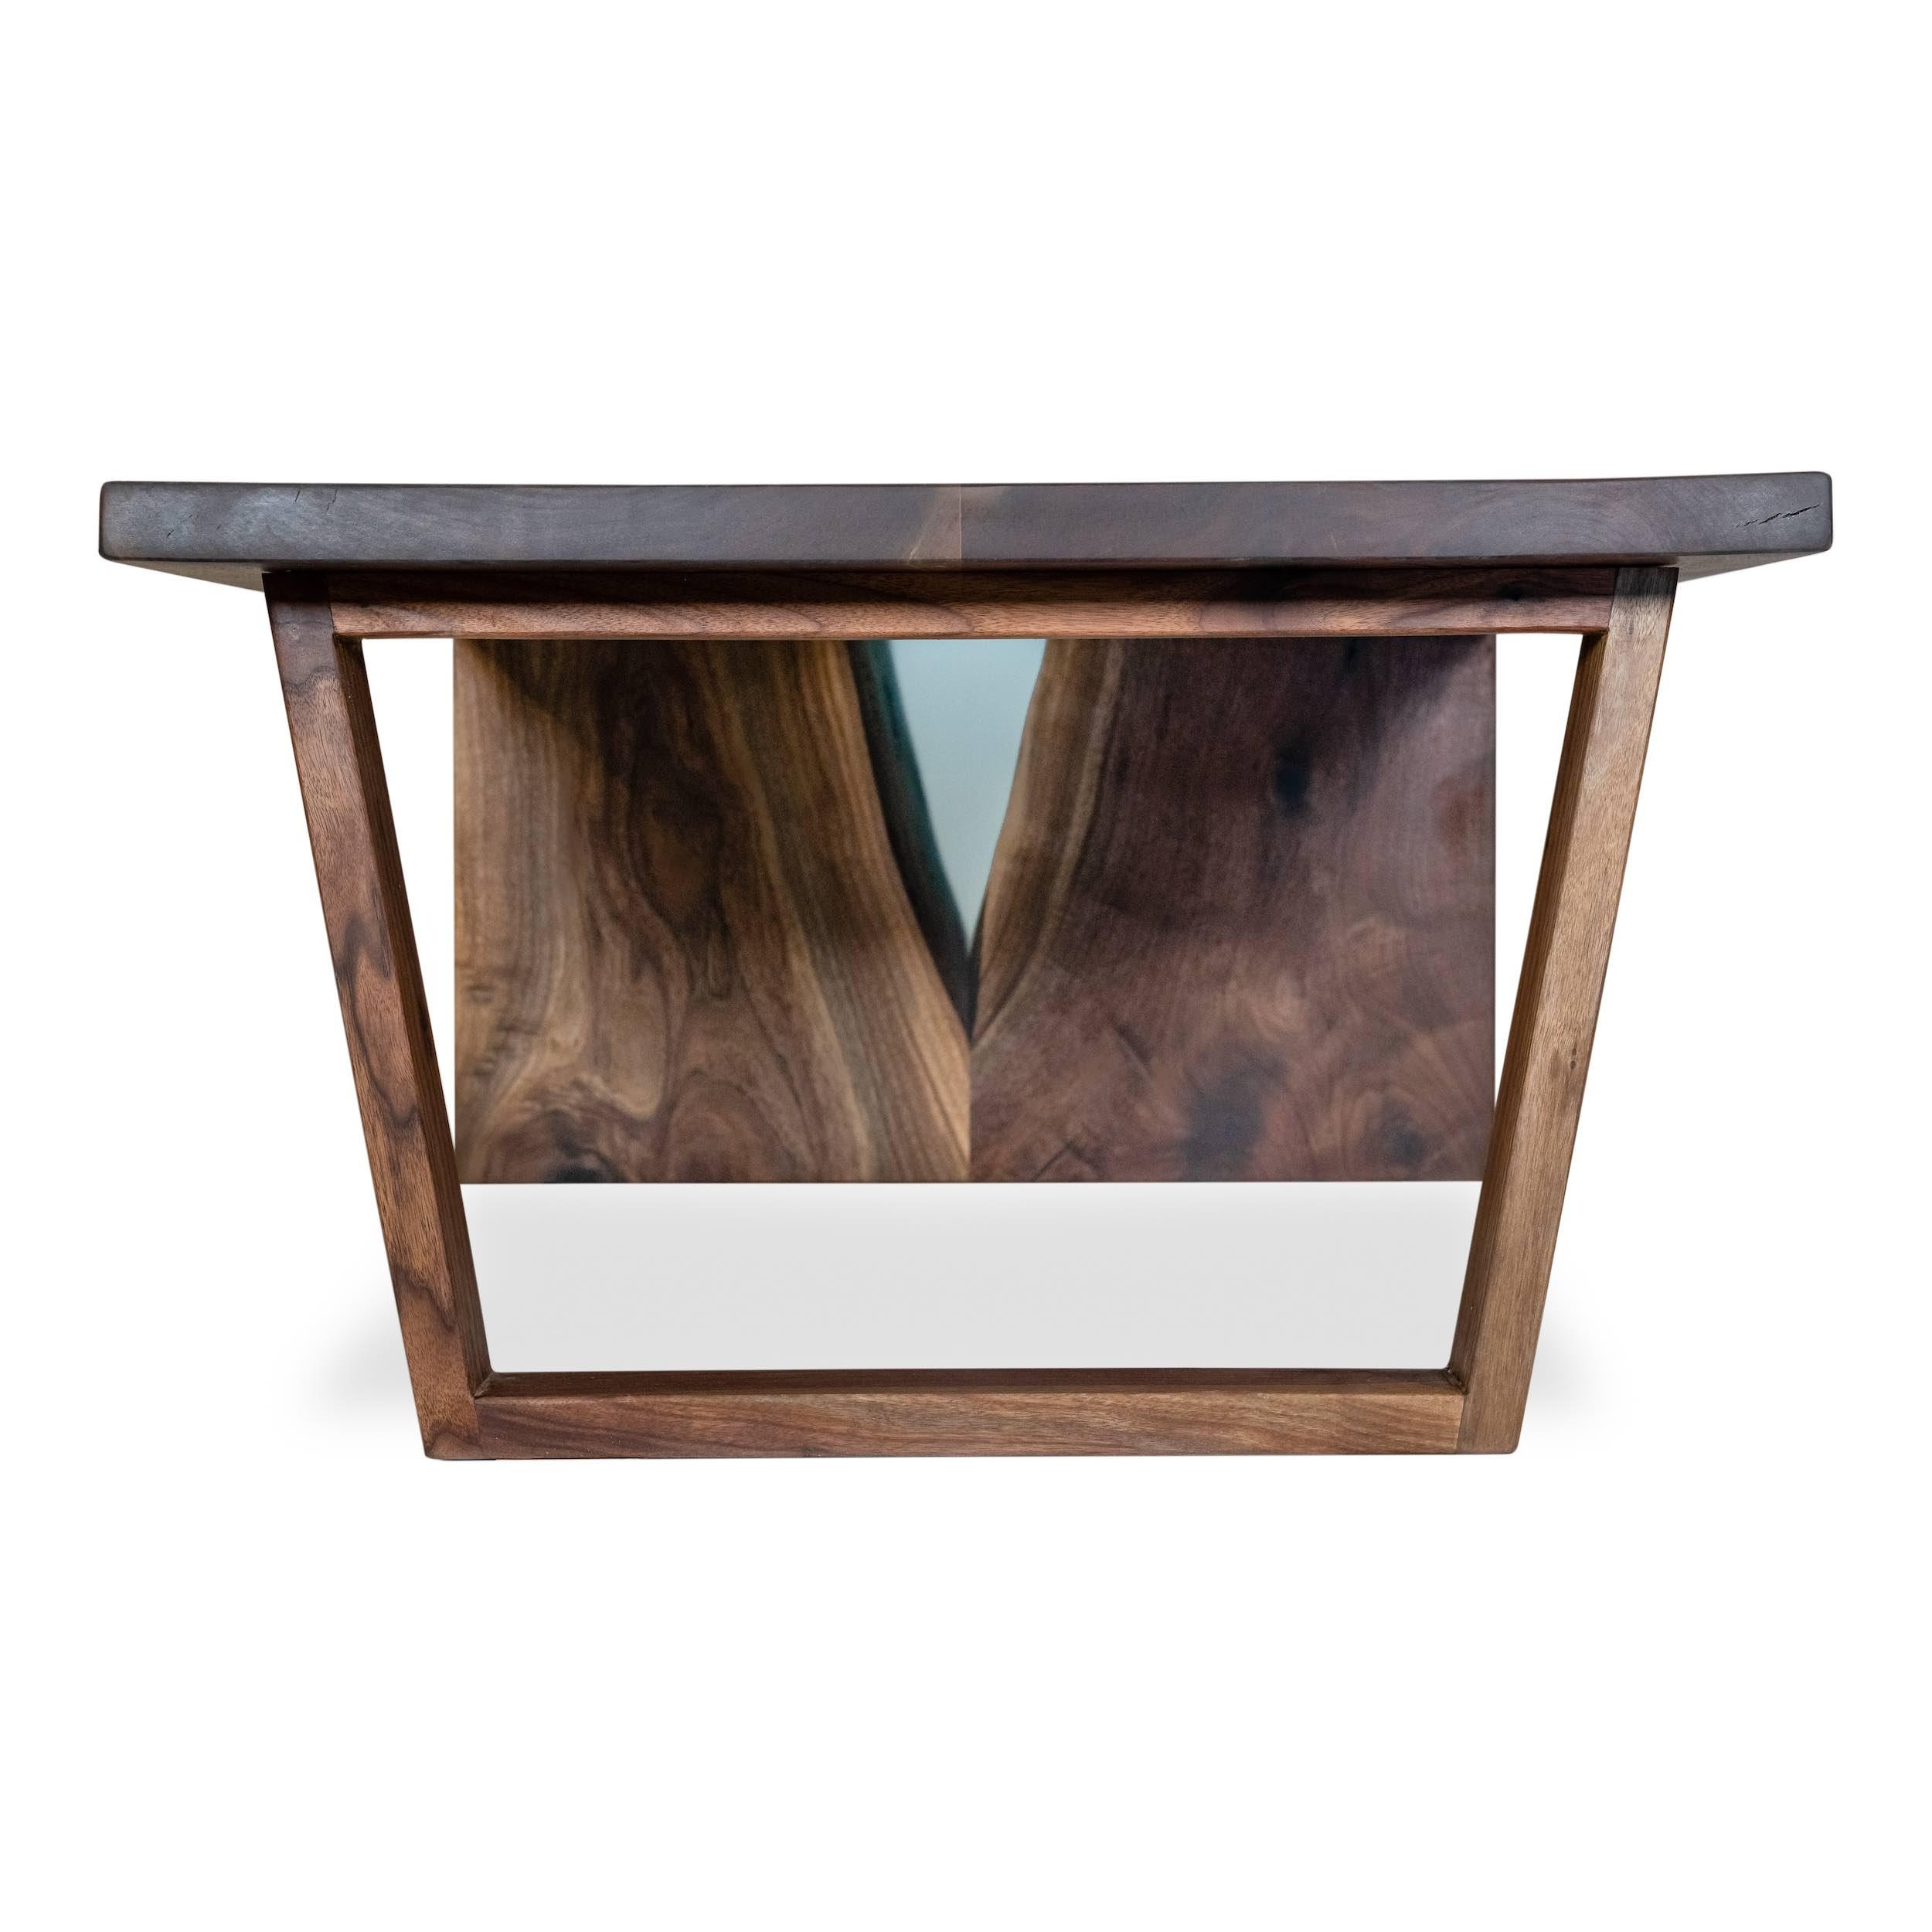 Woodcraft_Furniture_ResinWaterfallCoffeeTable-51.jpeg